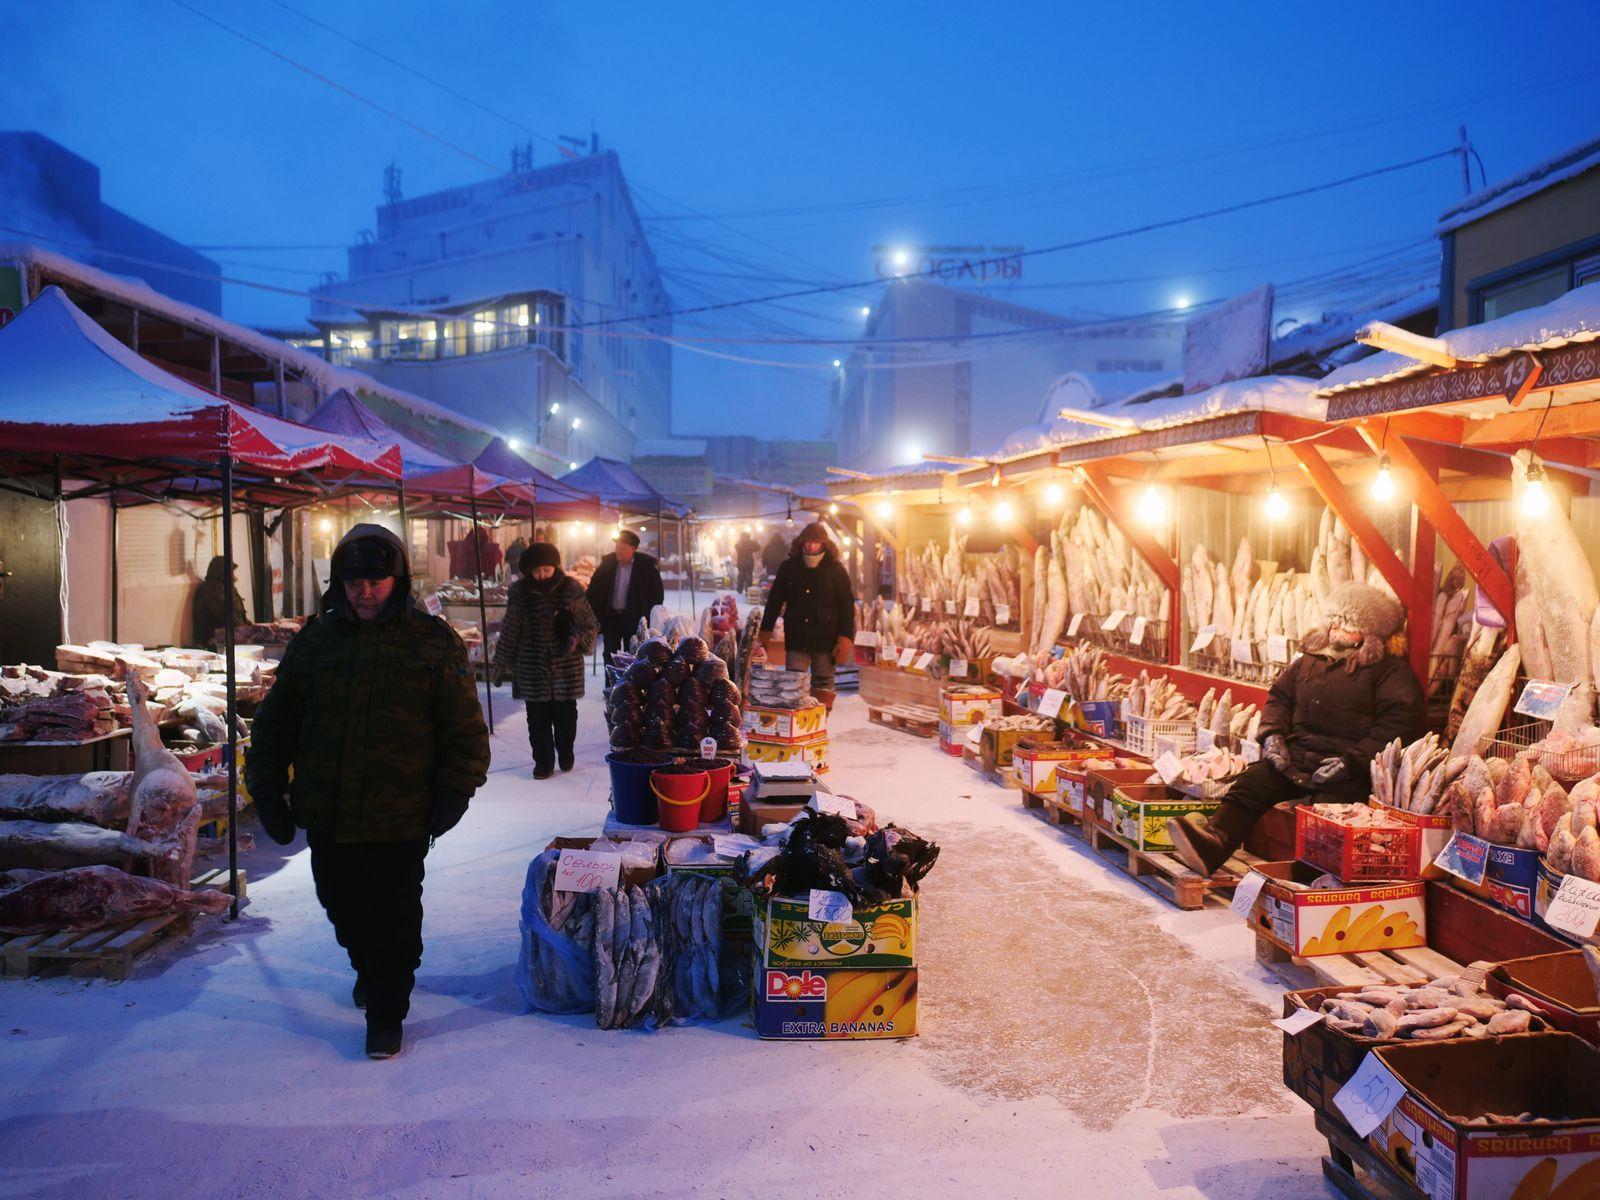 Russland/ Jakutsk/ Die kälteste Stadt der Welt